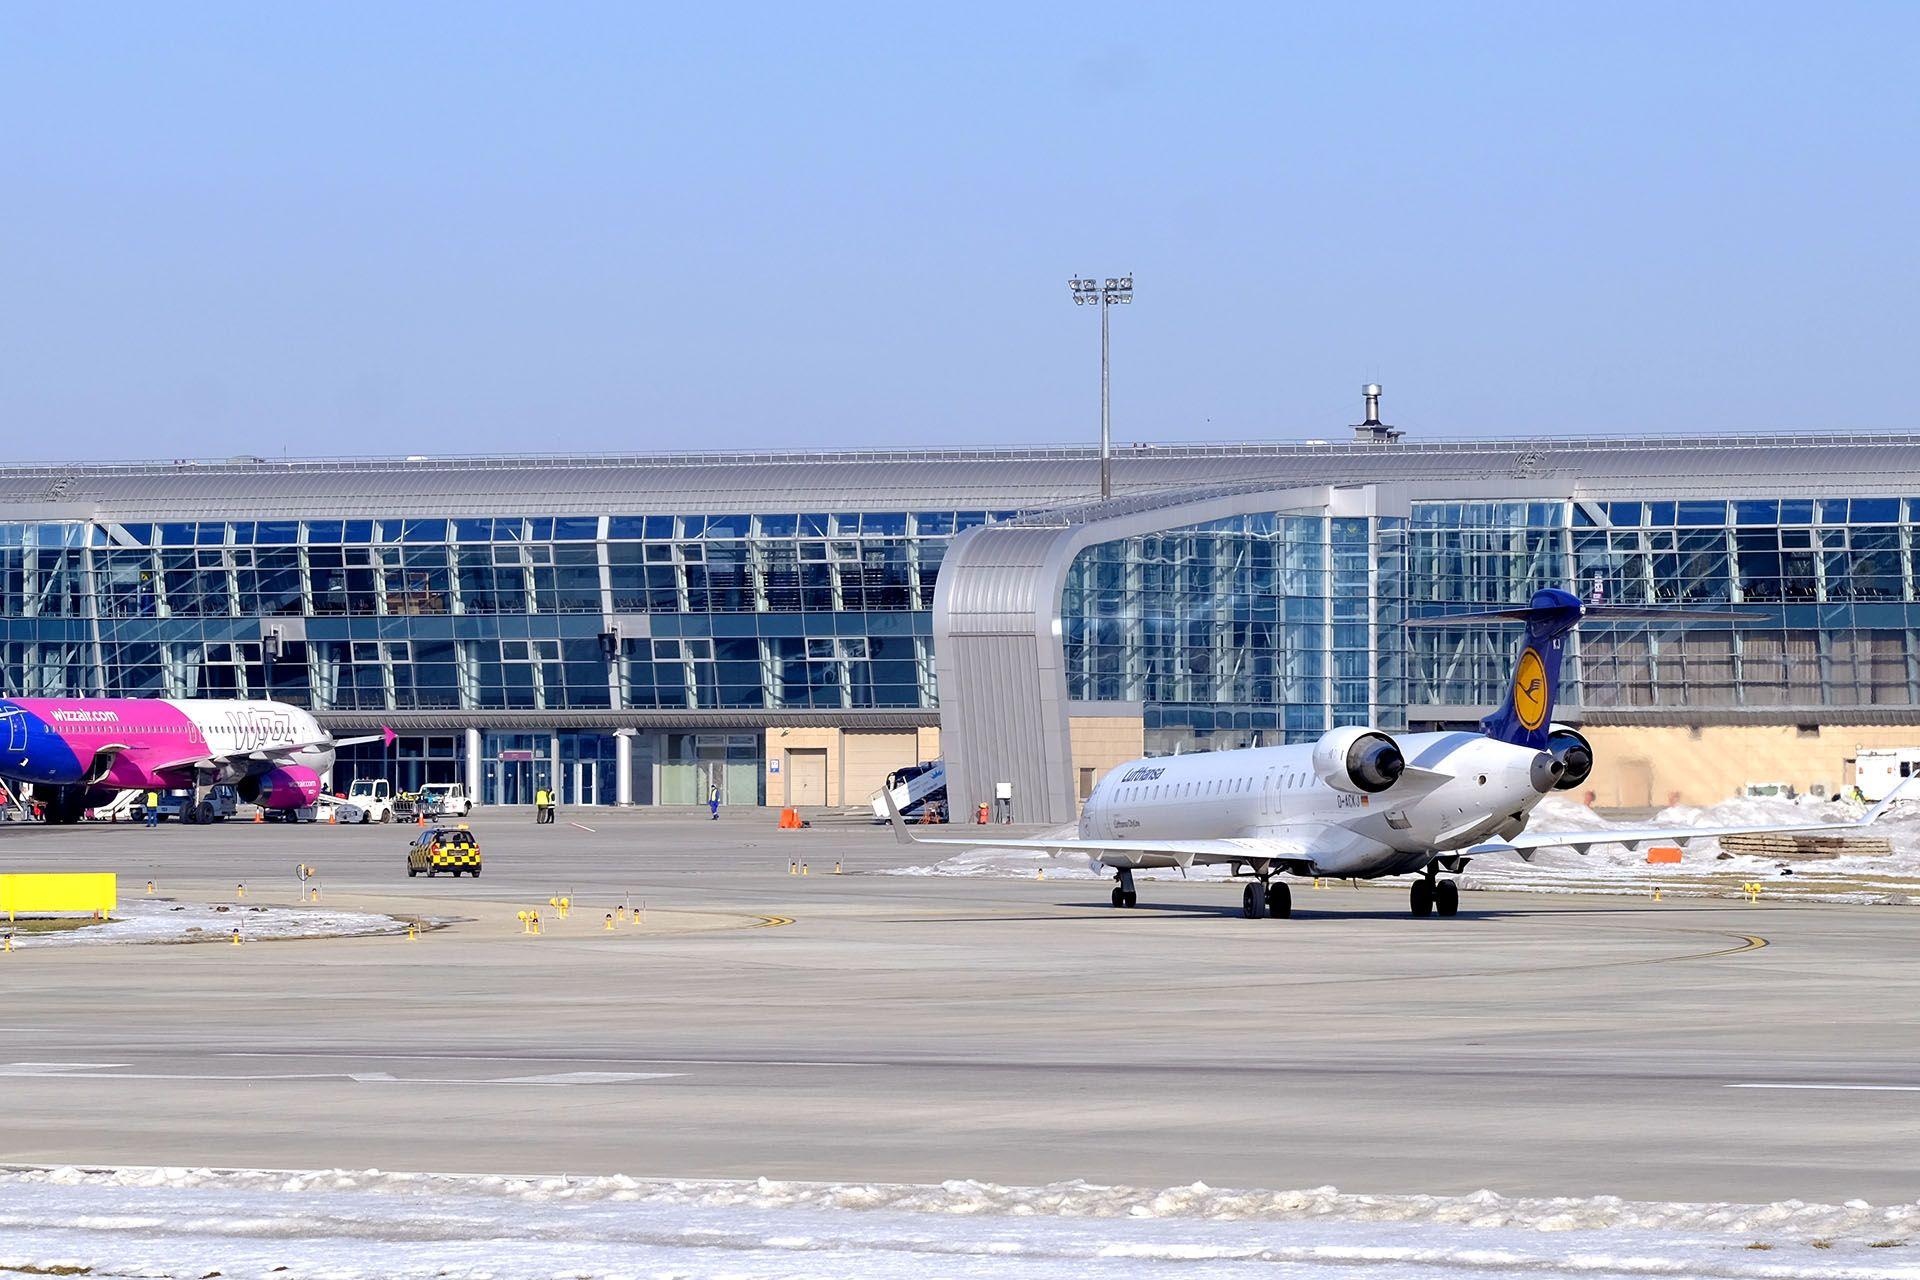 Літак, який припаркований на узбіччі дороги